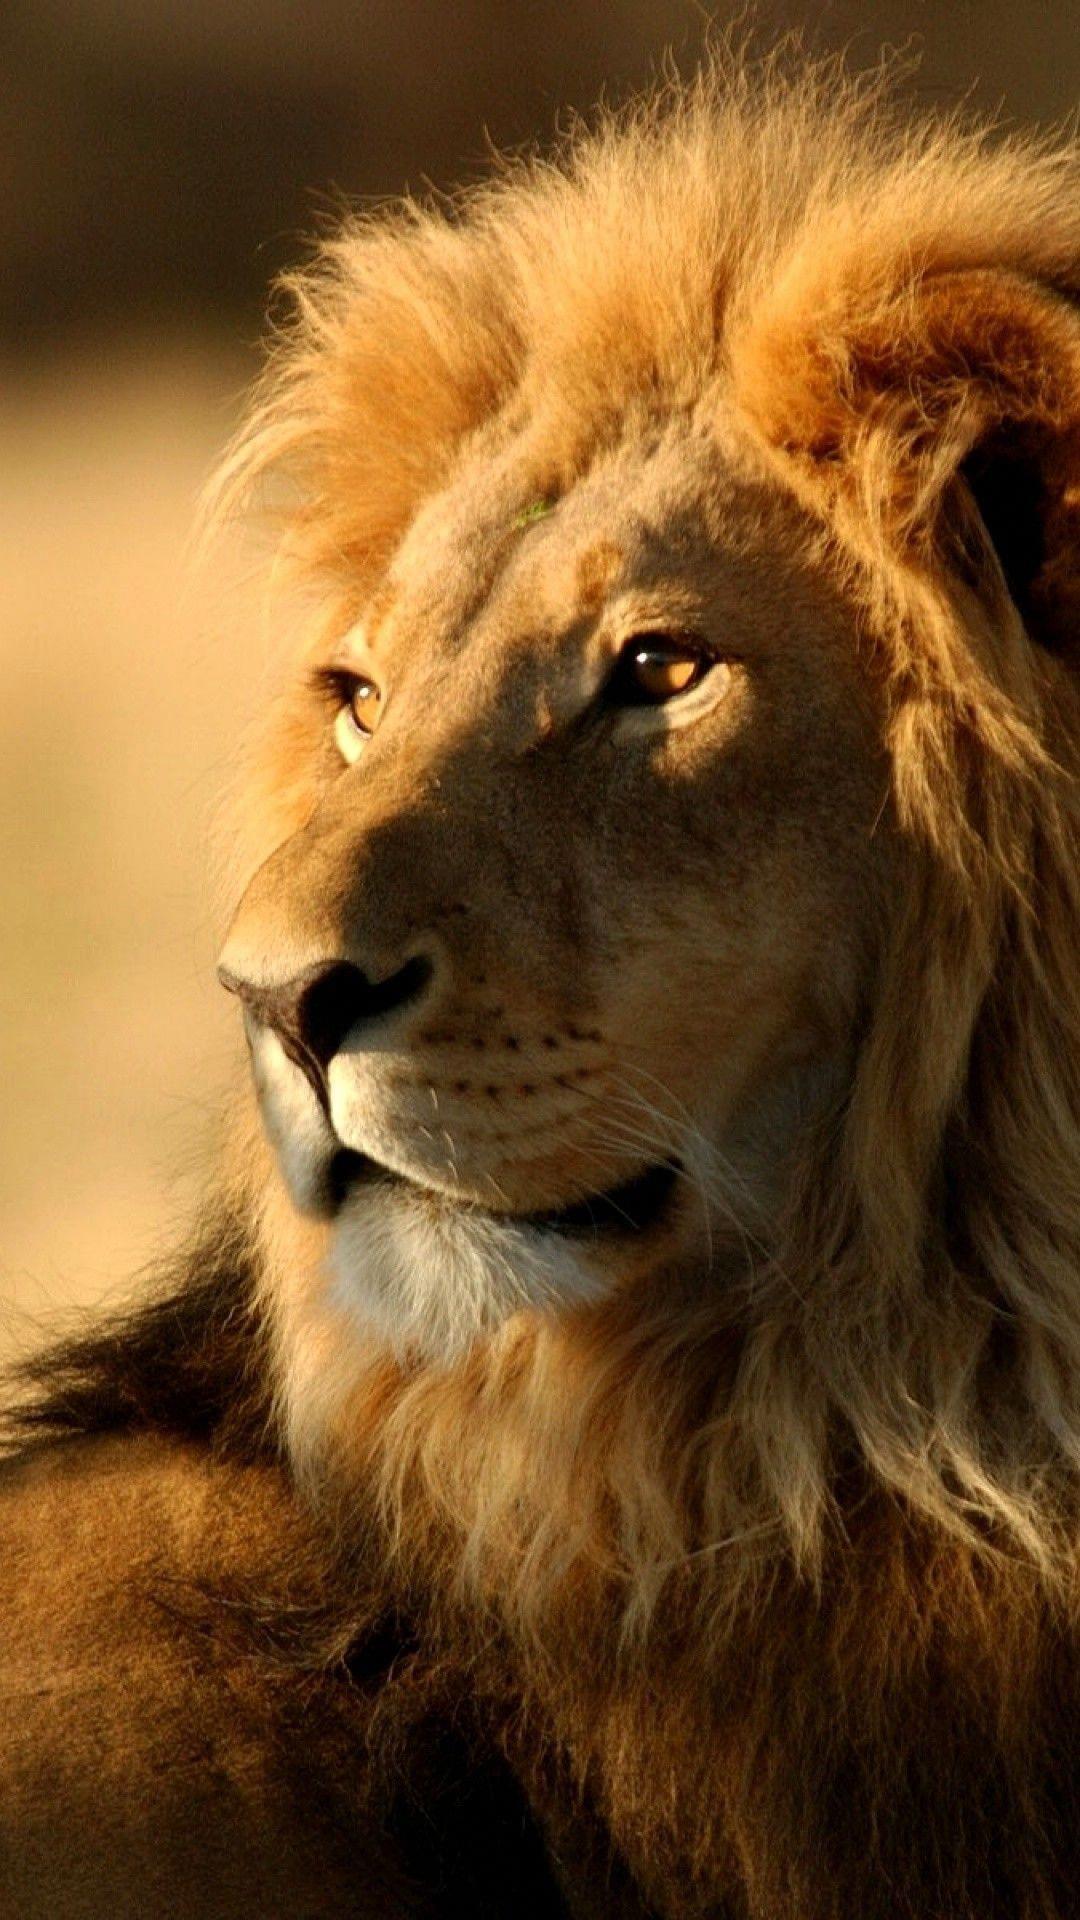 1080x1920 Lion Wallpaper Hd Animals Lion Iphone 6 Plus Wallpaper Bigcats Animals Wild Animals Animals Beautiful